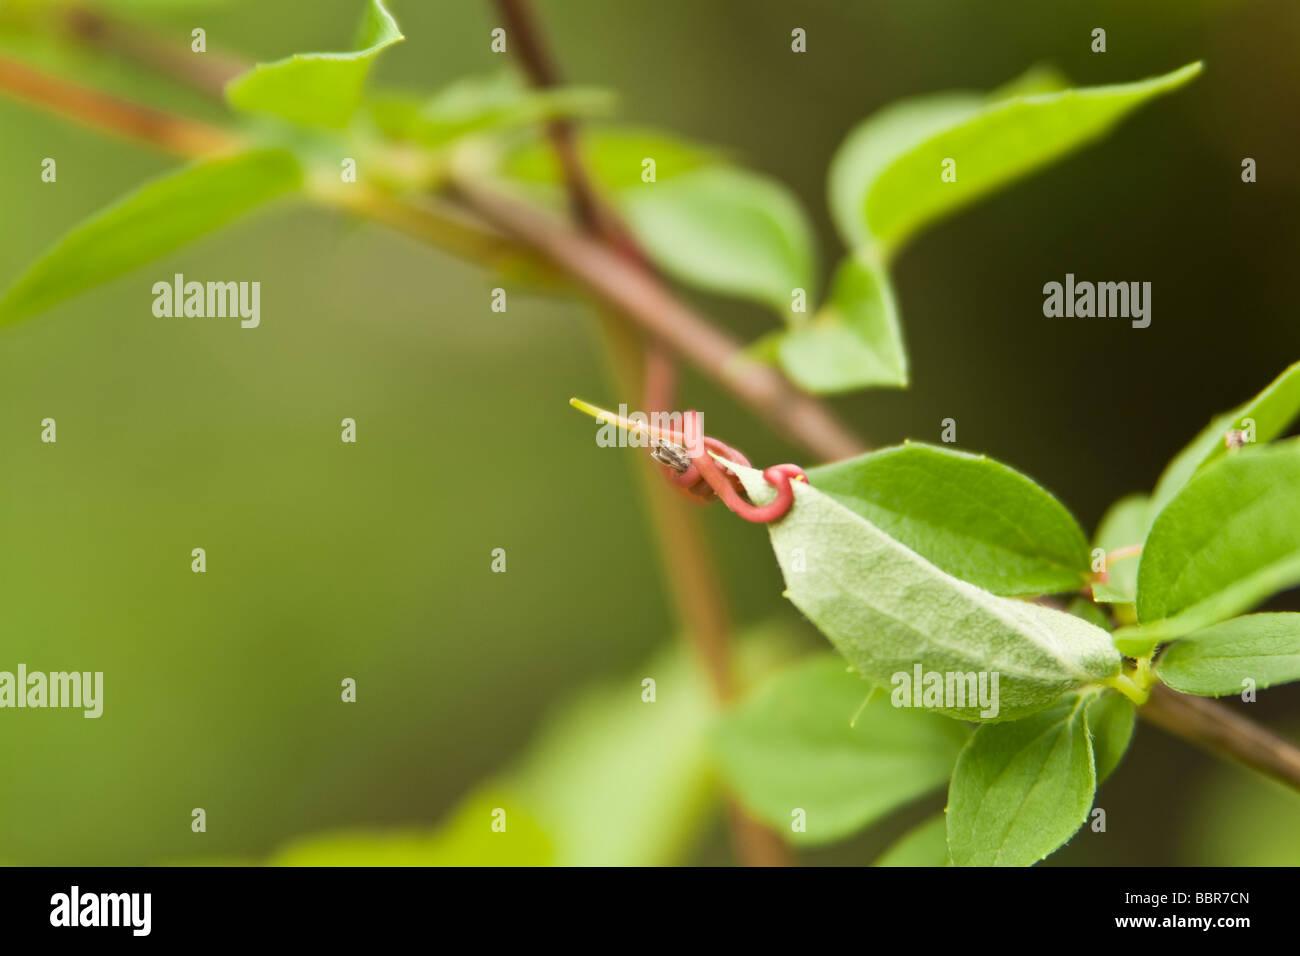 Makro Frühling Weinrebe Ranke um Blatt Stockbild